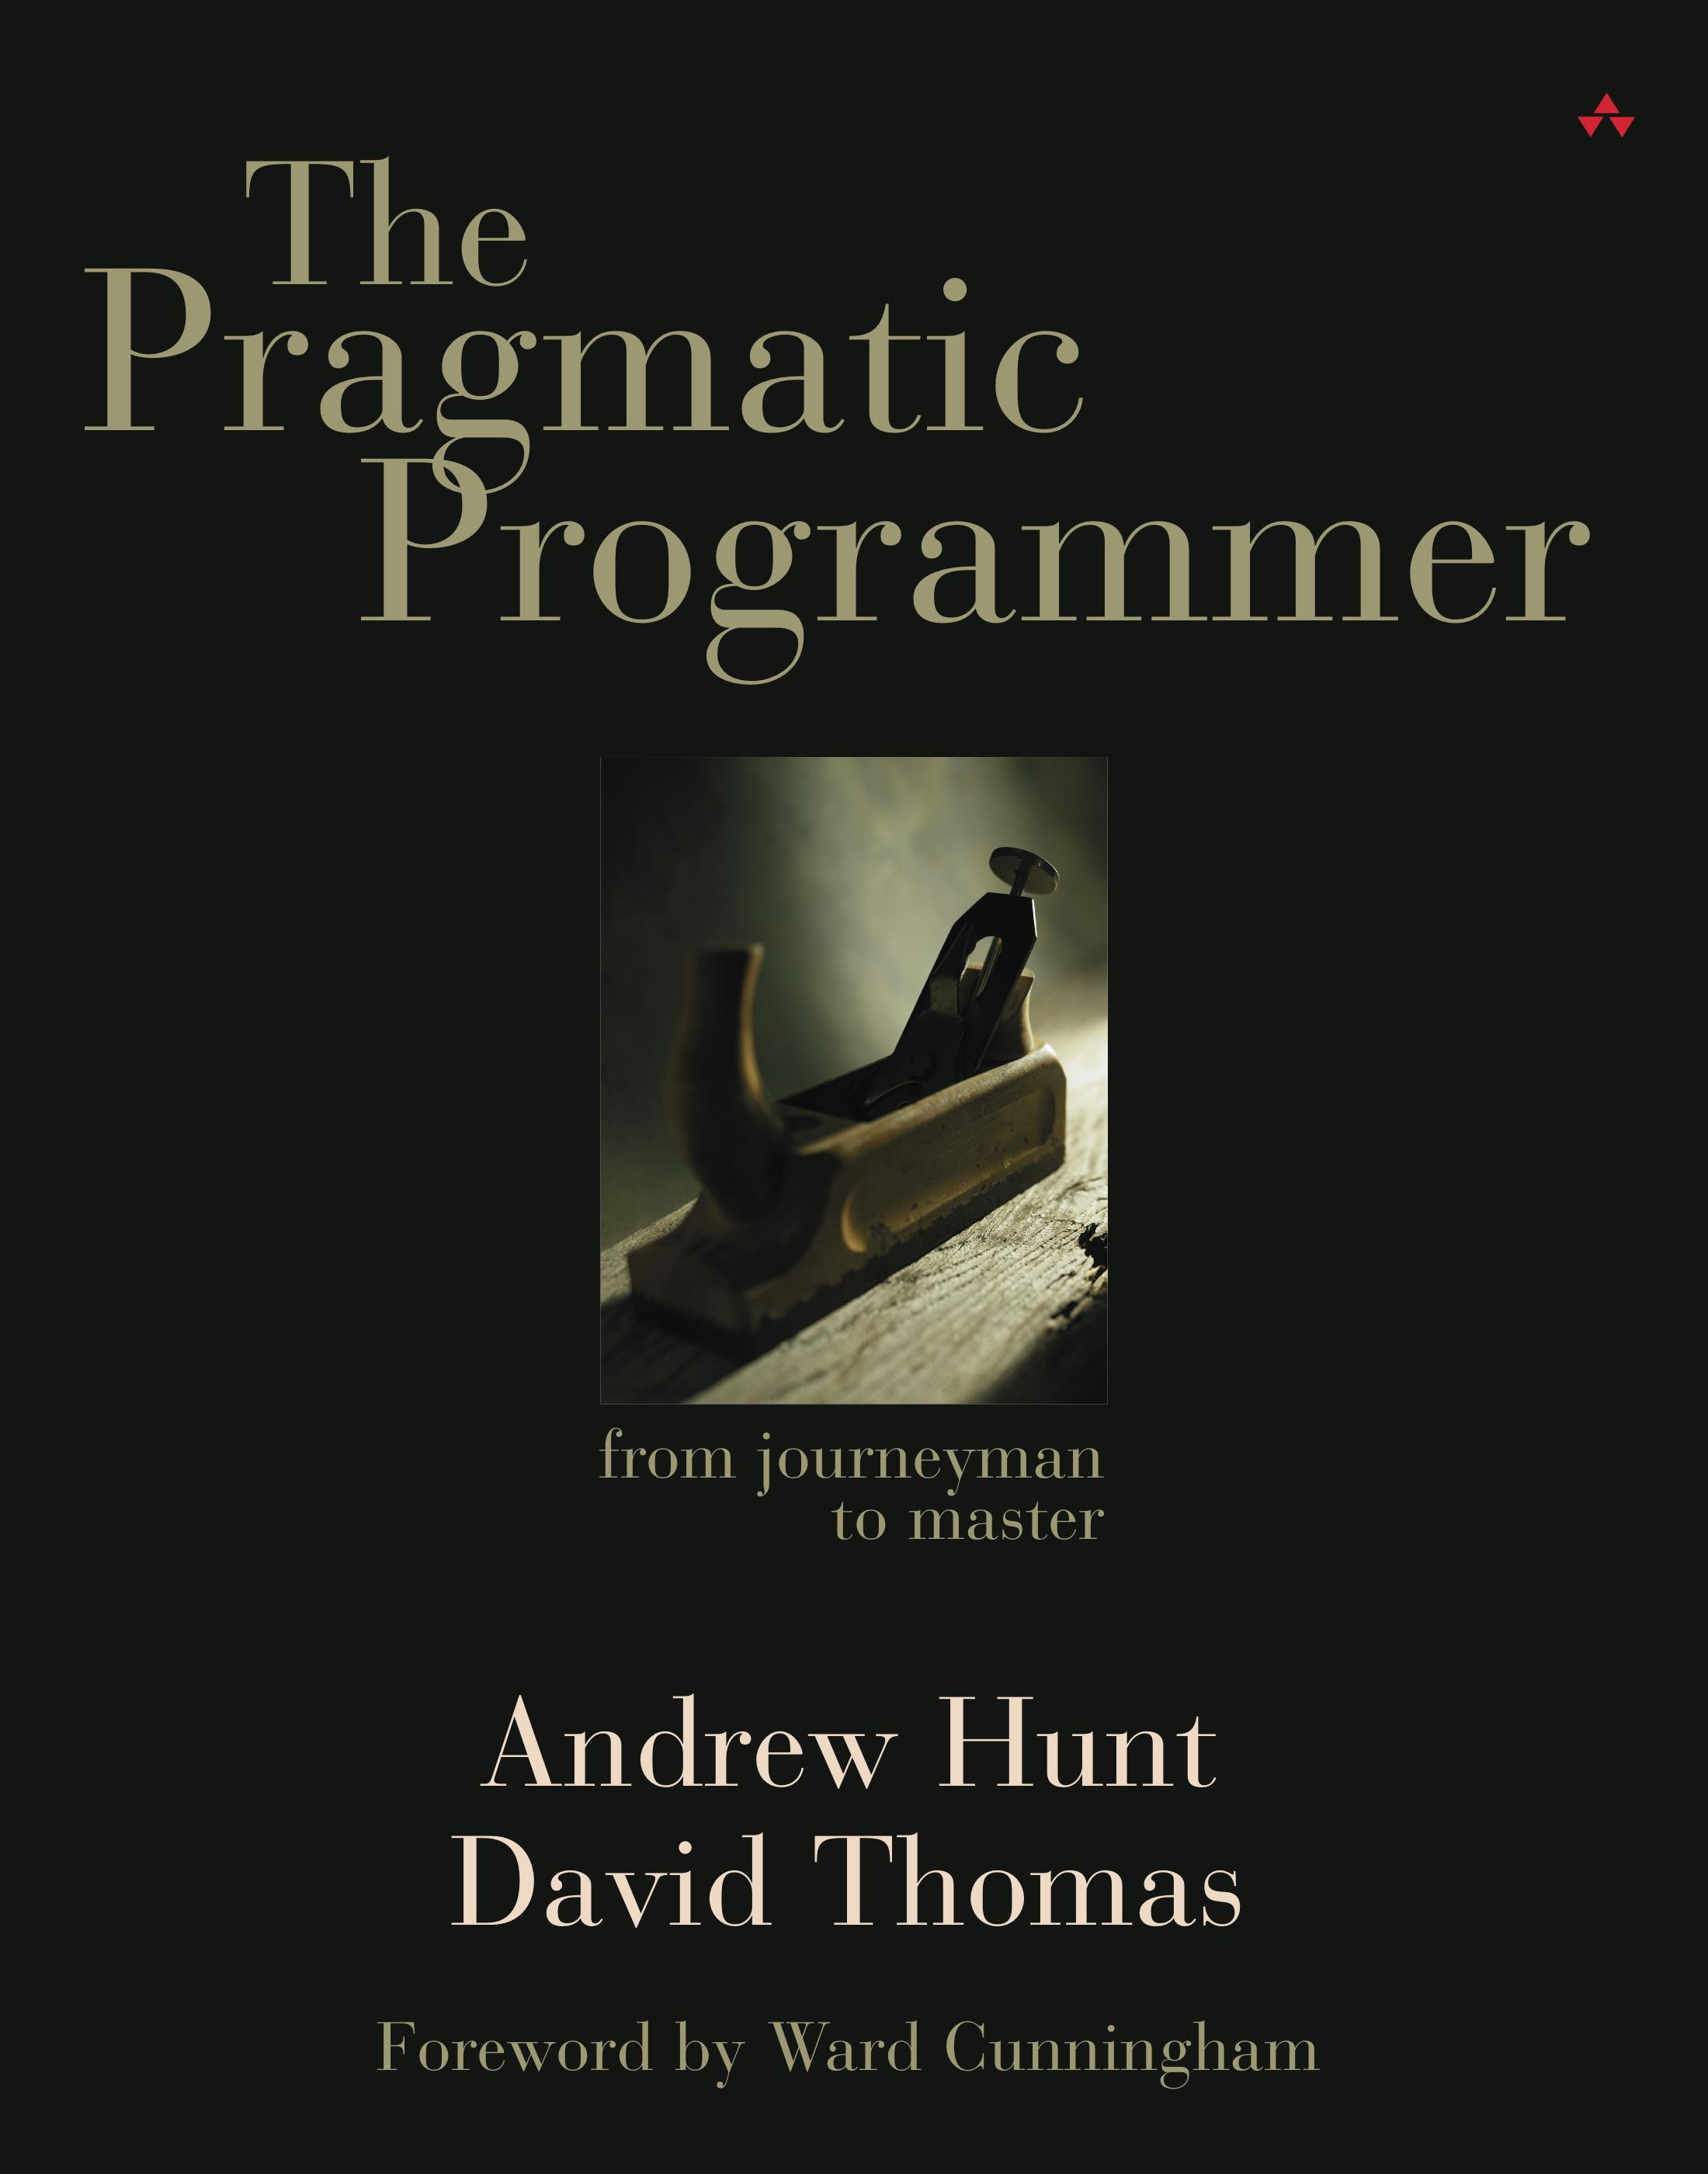 The Pragmatic Programmer cover